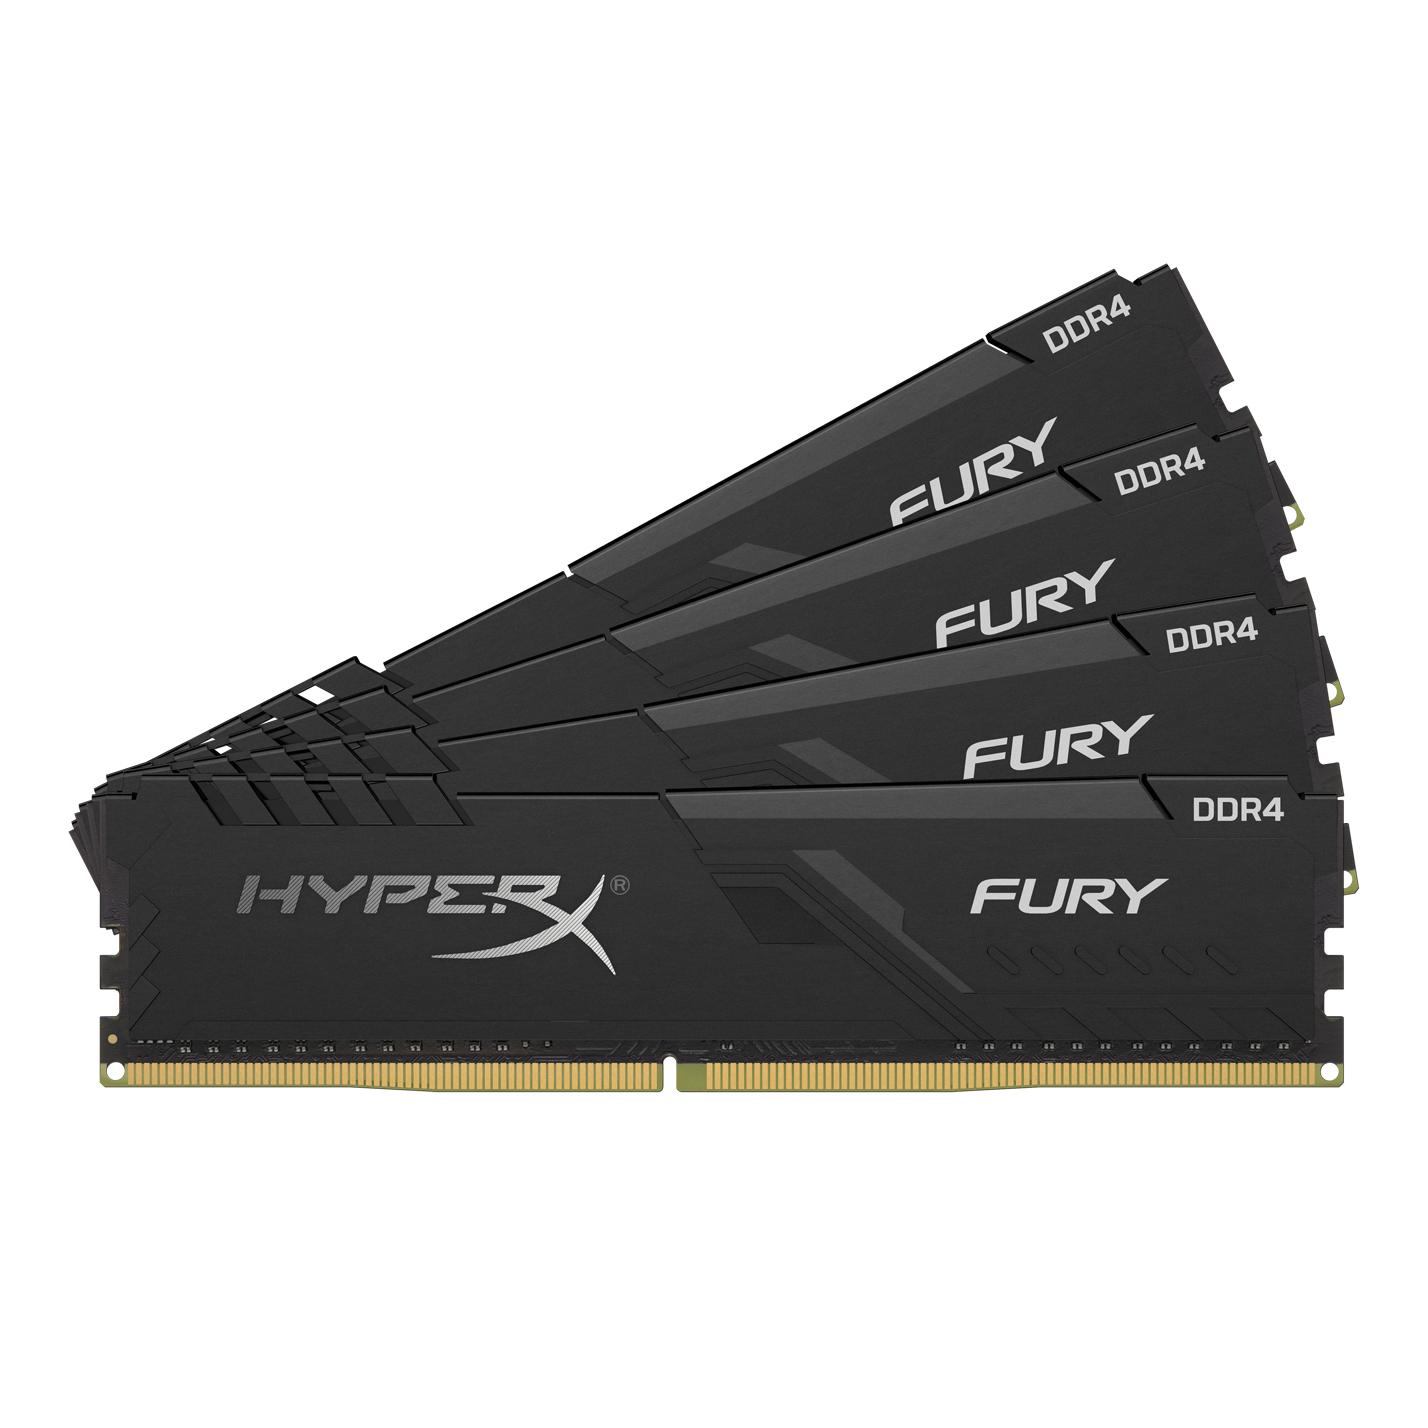 HyperX FURY HX432C16FB3K4/32 memory module 32 GB DDR4 3200 MHz